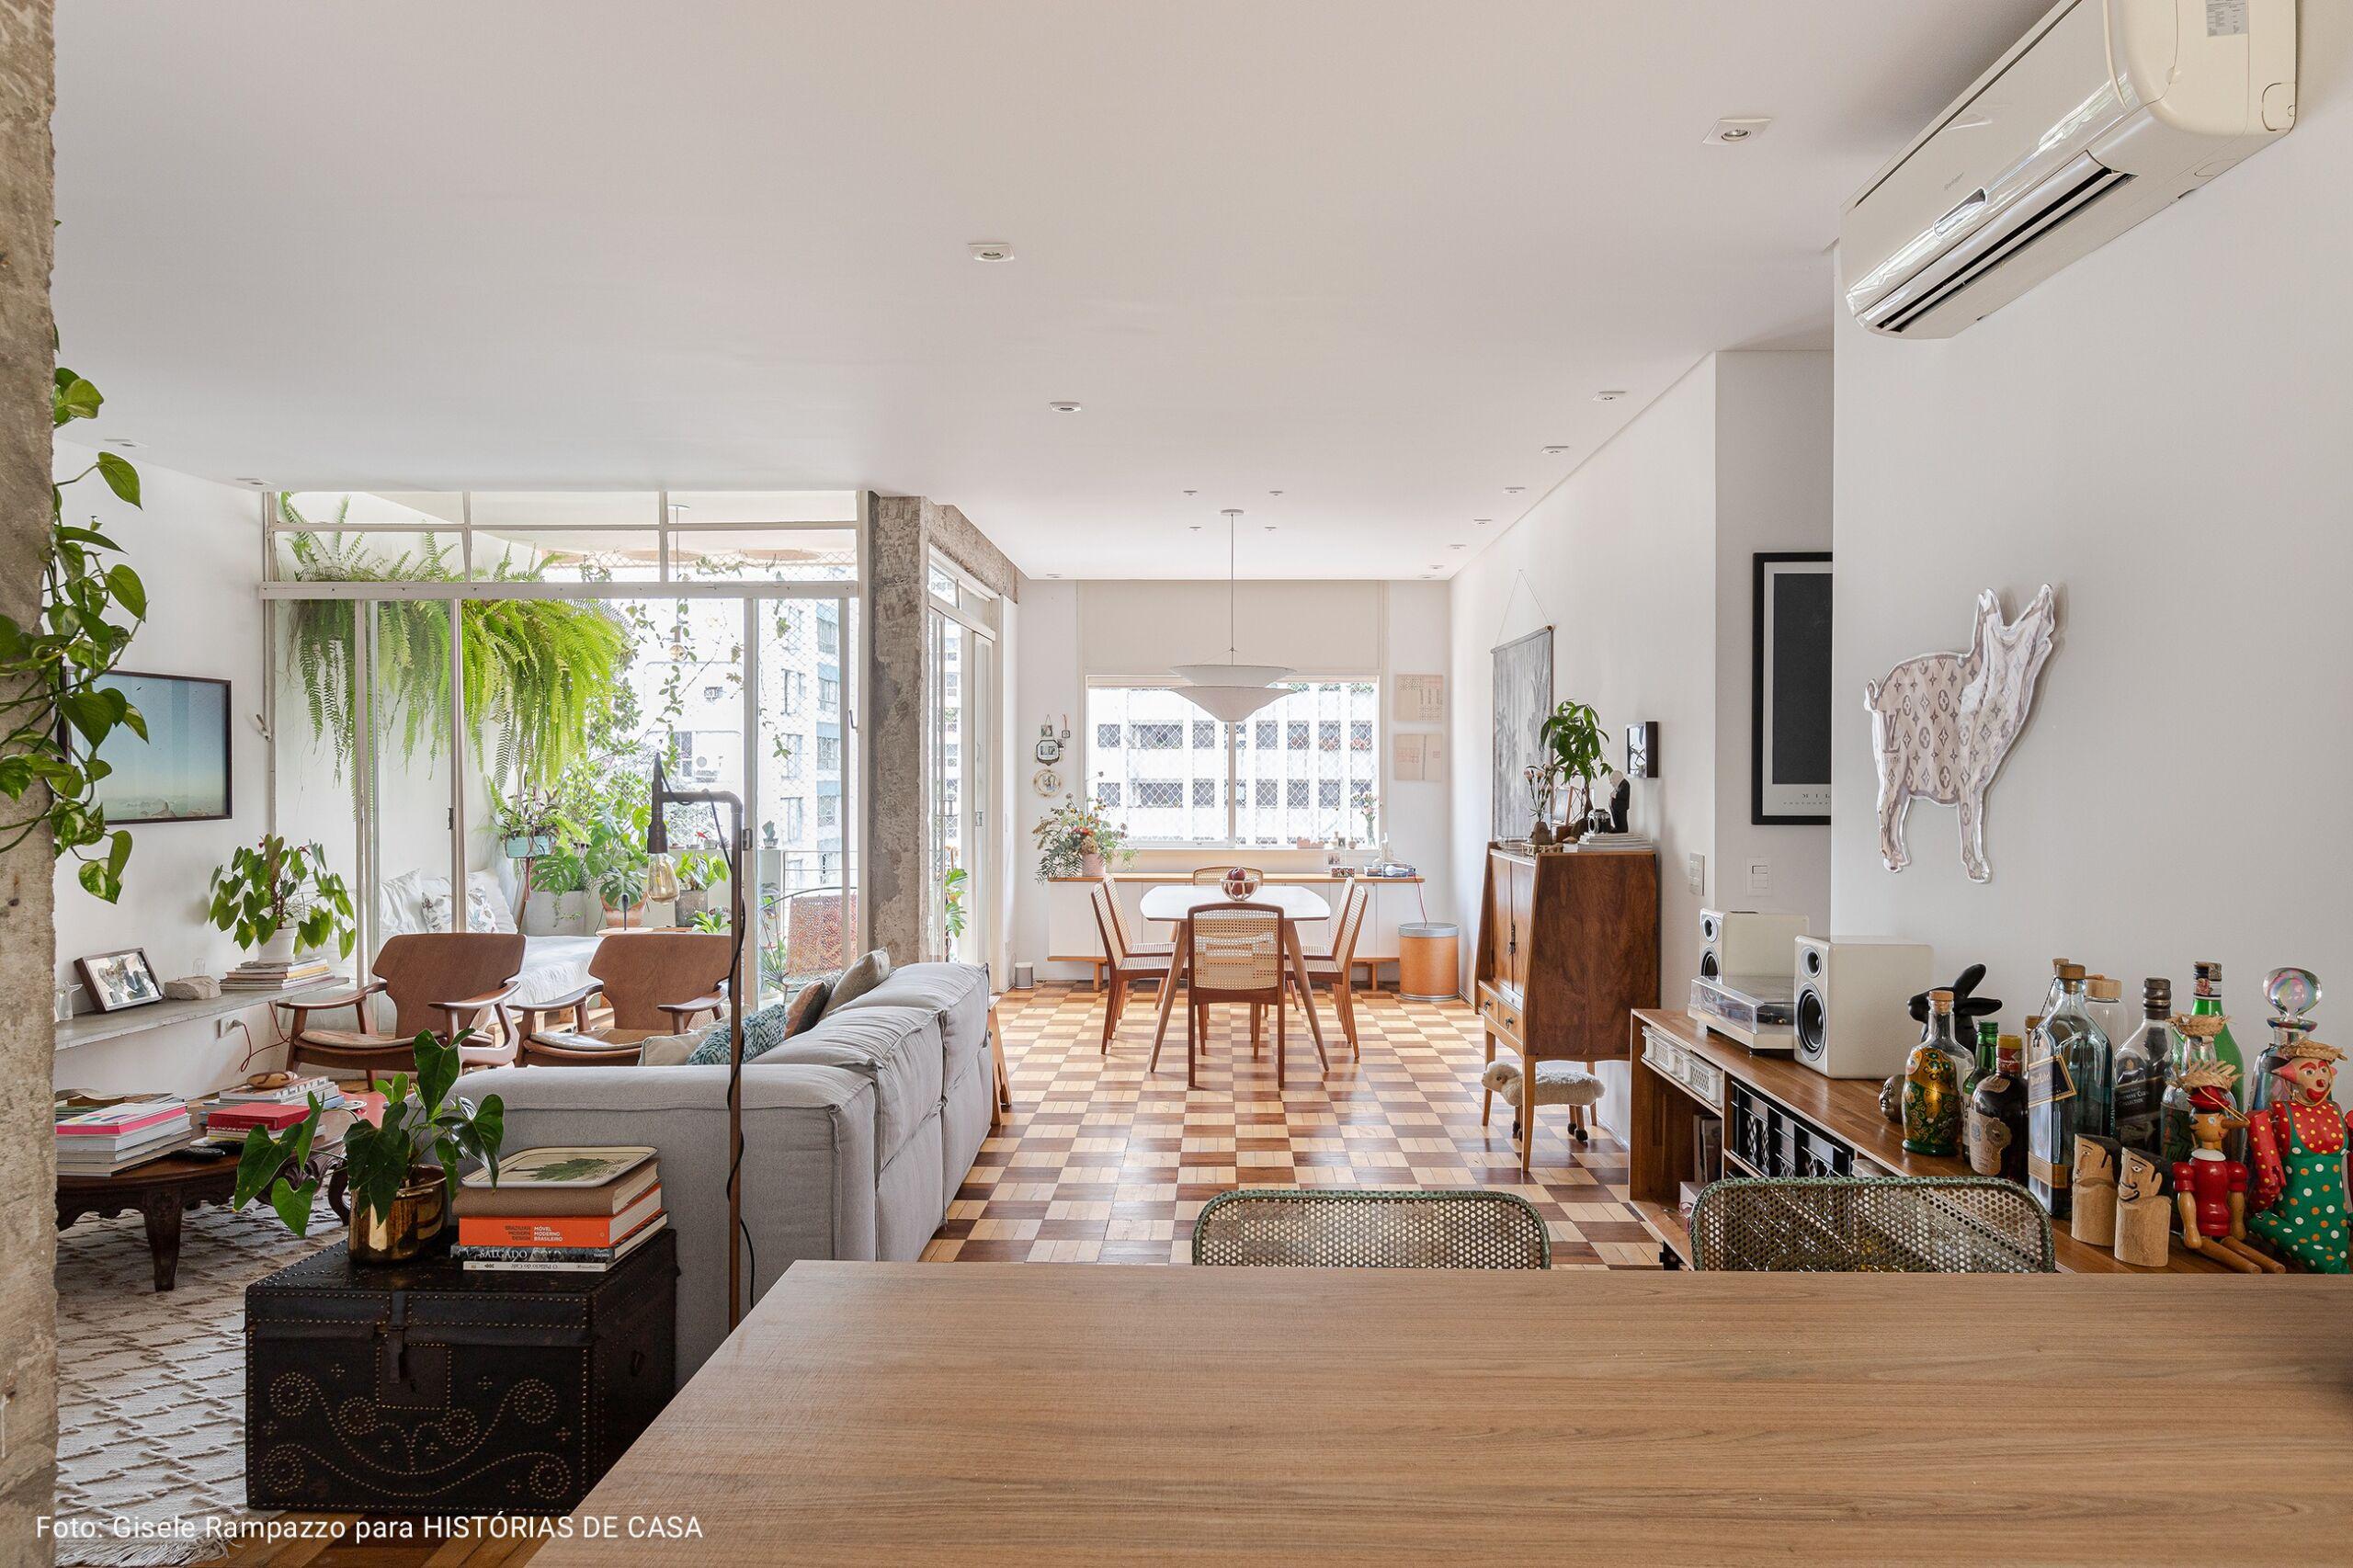 sala com cozinha interligada